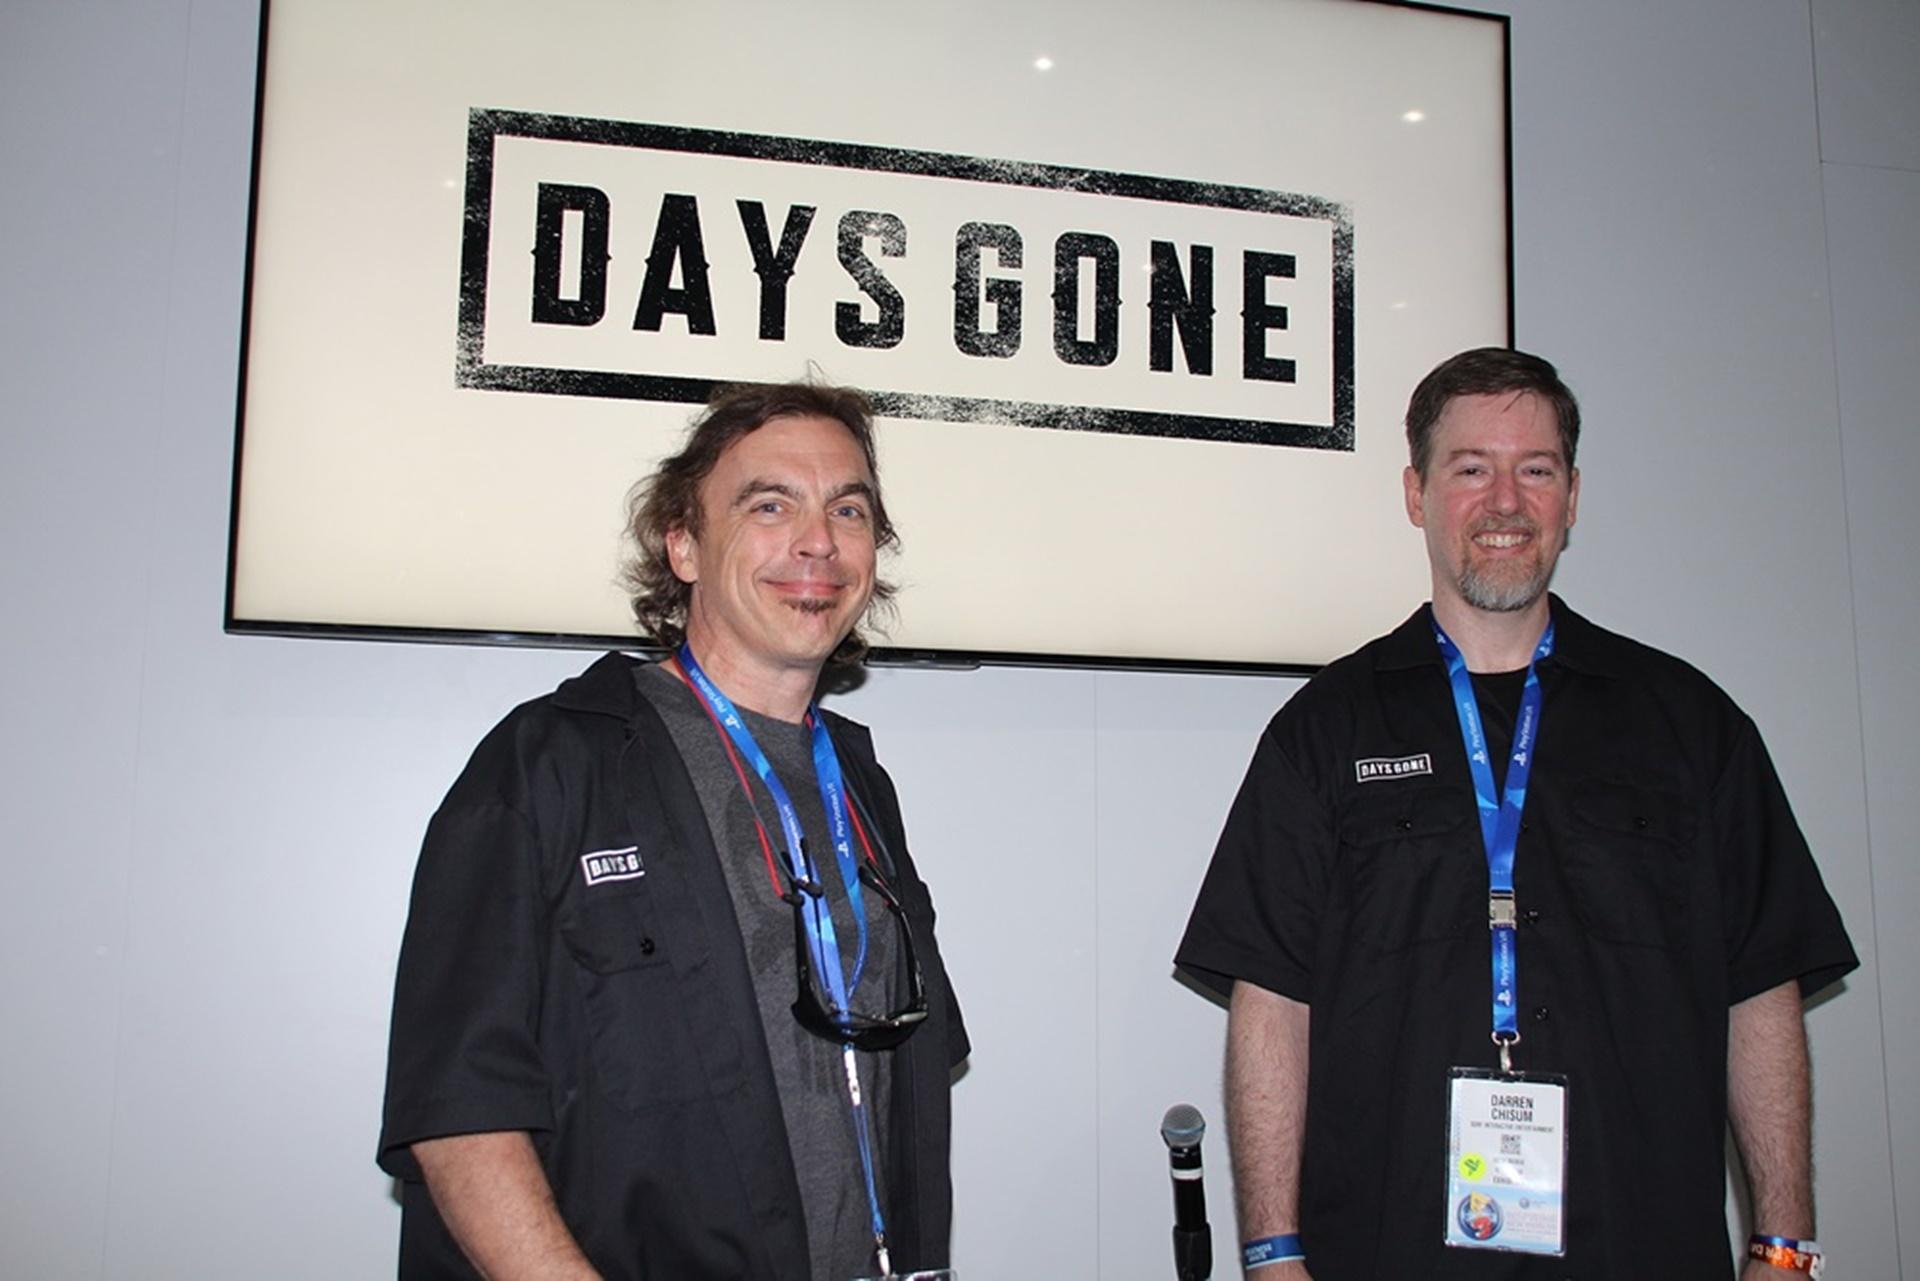 左から、Bend Studioで「Days Gone」システムアーキテクチャーを担当するJoseph Adzima氏と、AIプログラマーを務めるDaren Chisum氏